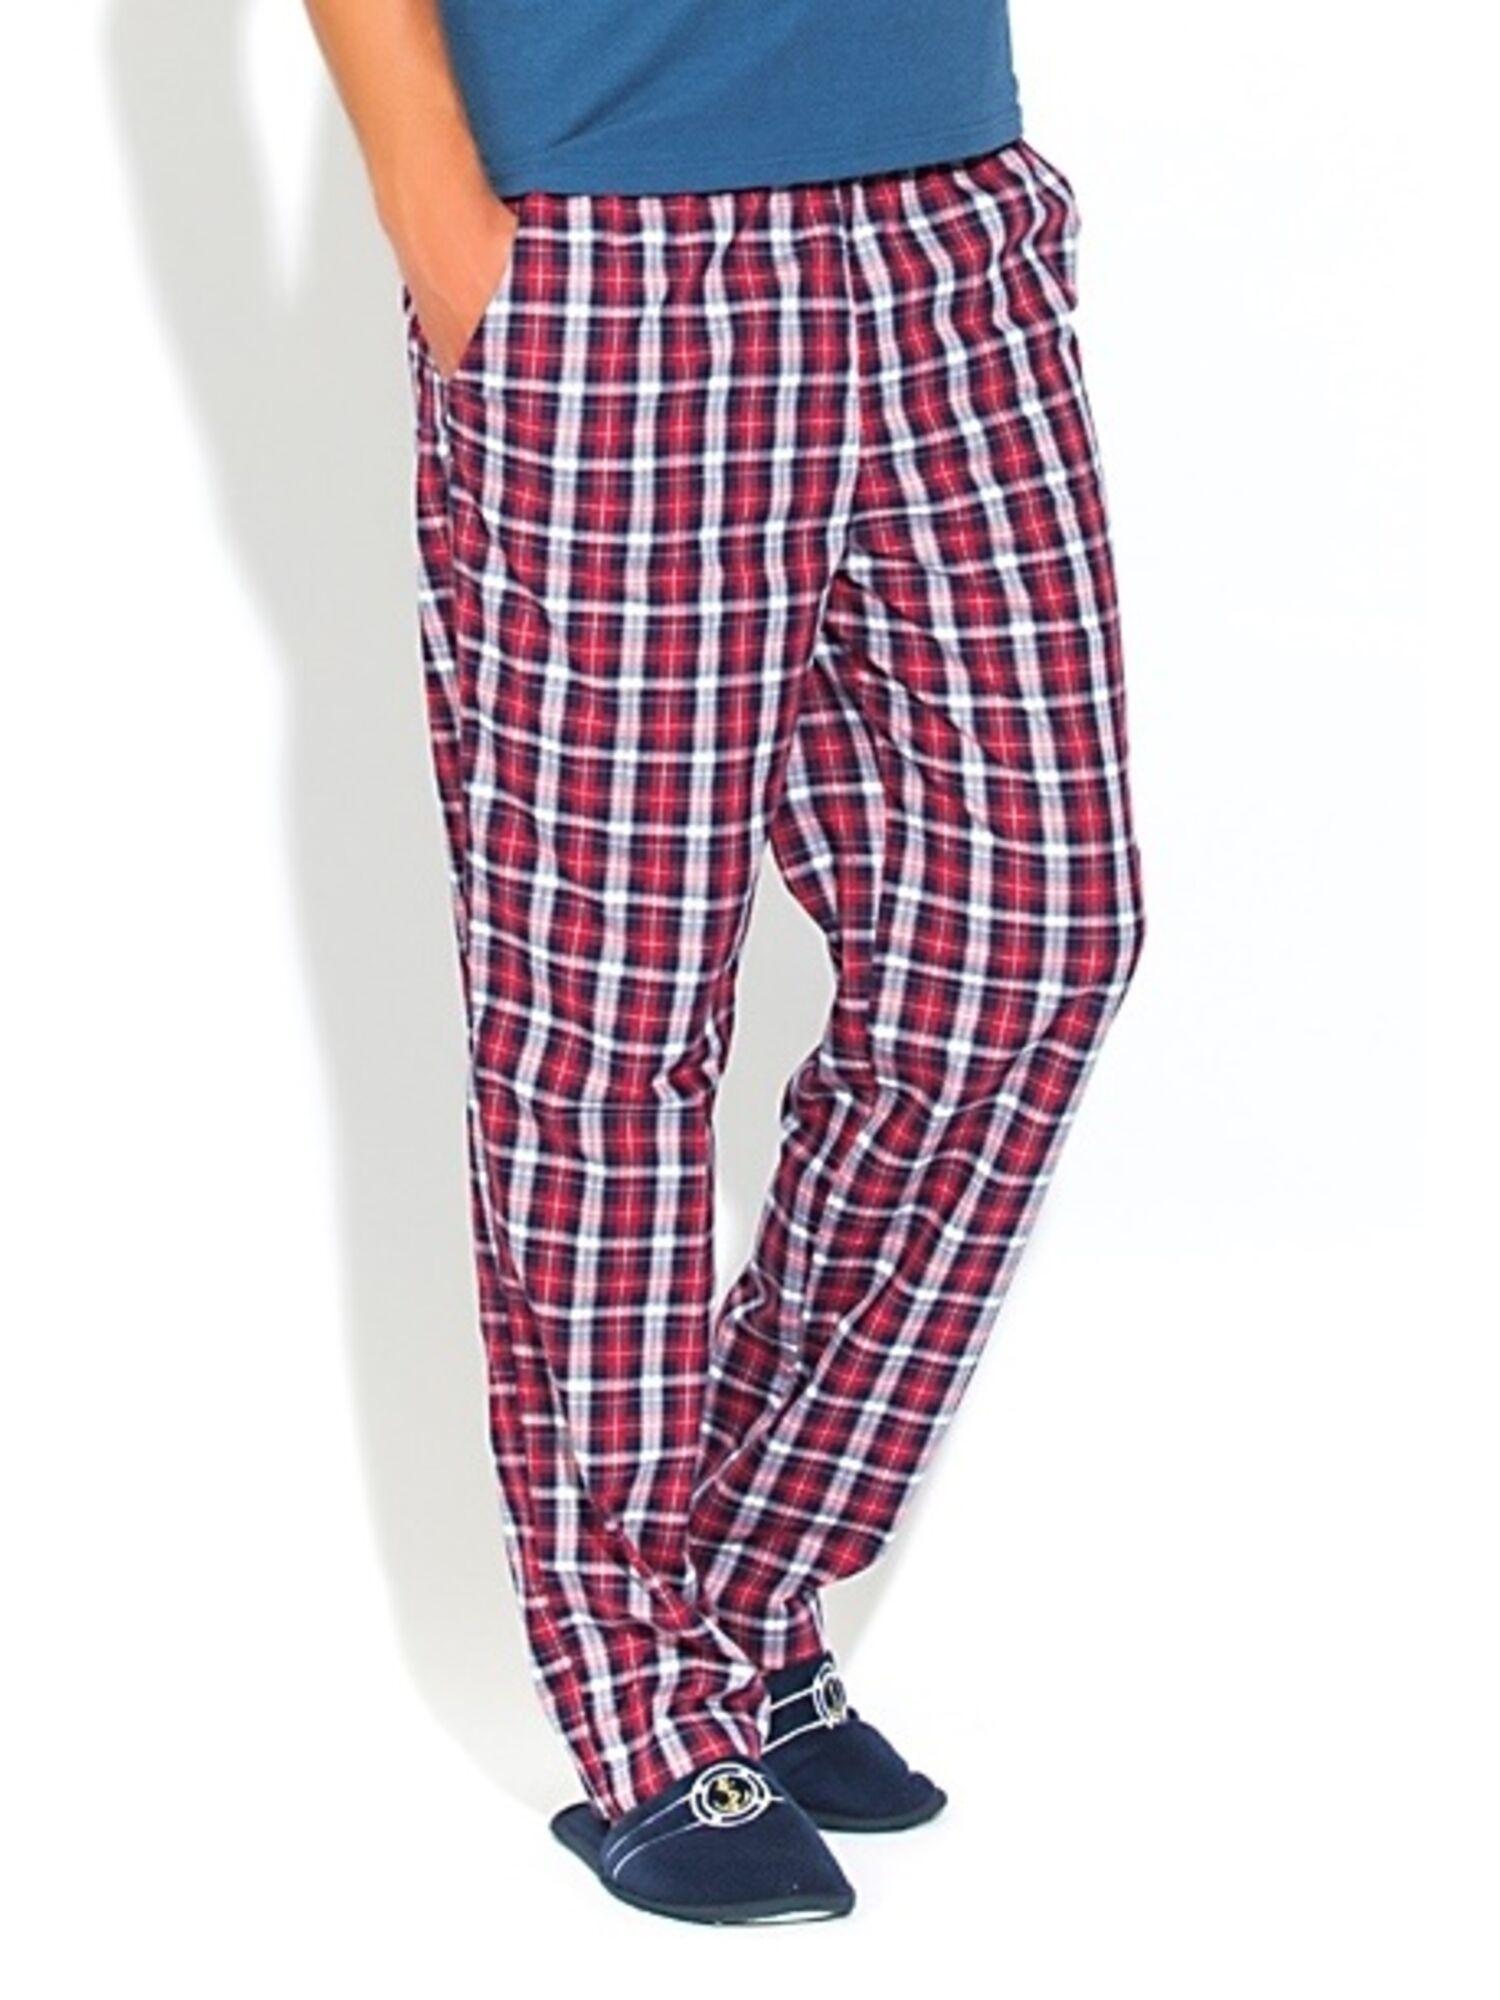 Мужские хлопковые брюки 002 VIKING 2193/3 бордовая с синим клетка, Peche Monnaie (Россия)